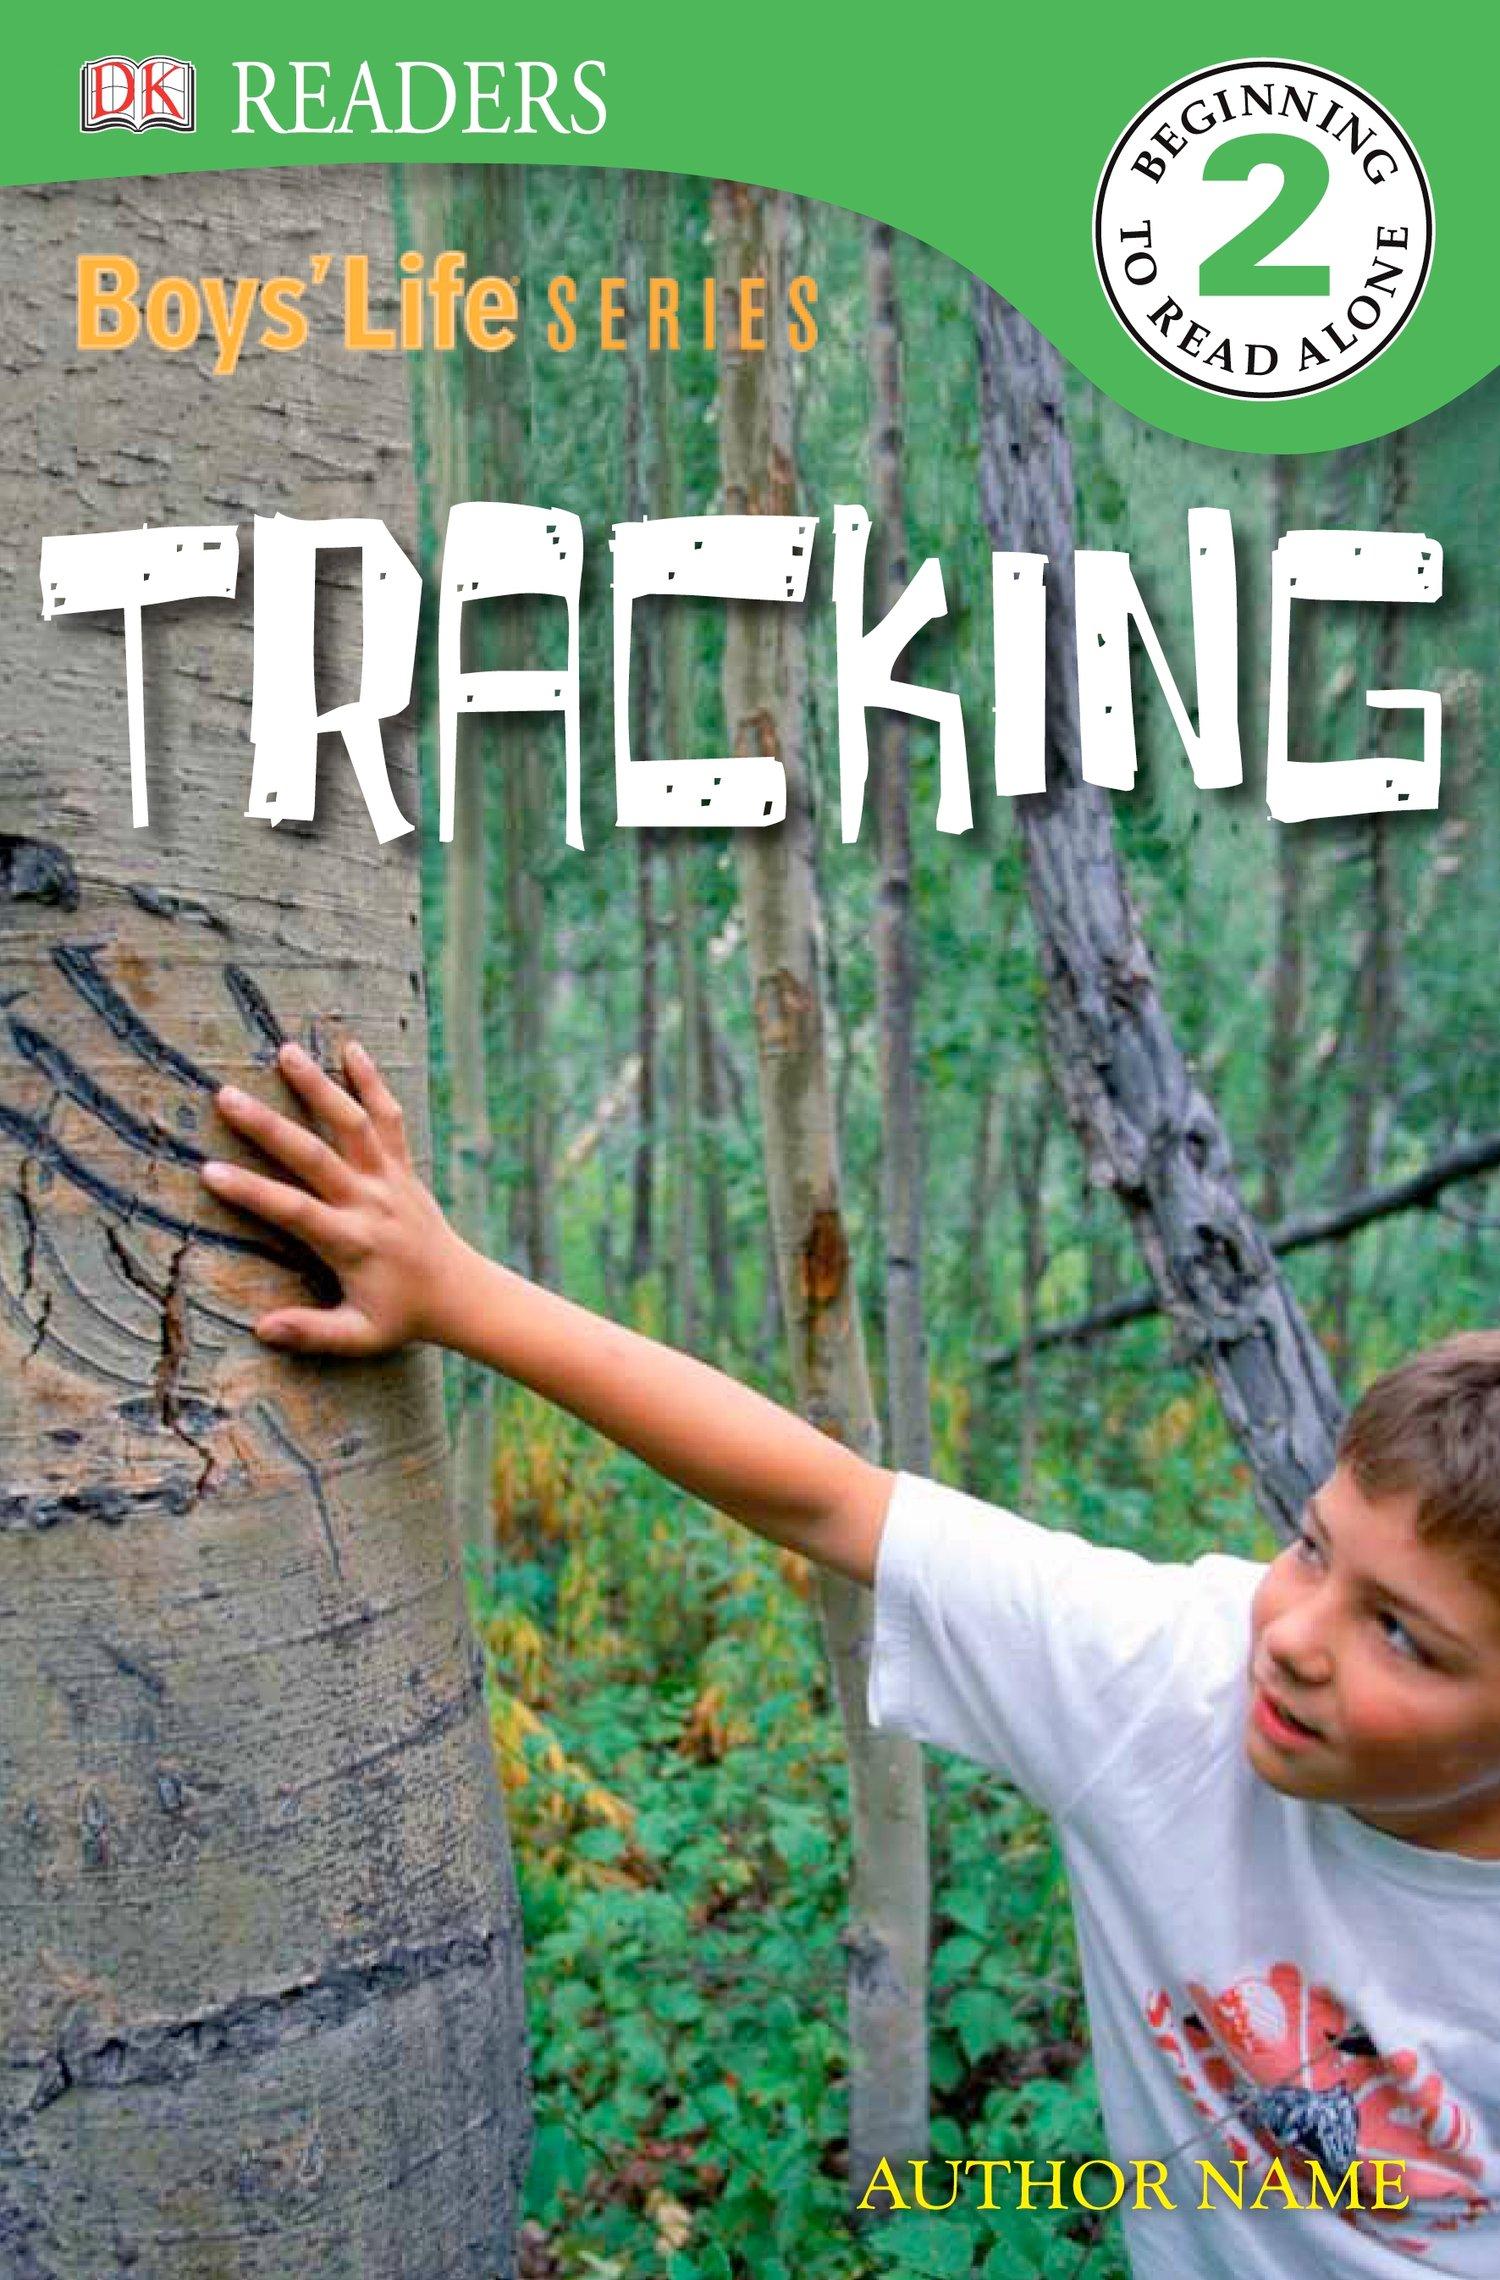 Read Online DK Readers L2: Boys' Life Series: Tracking pdf epub